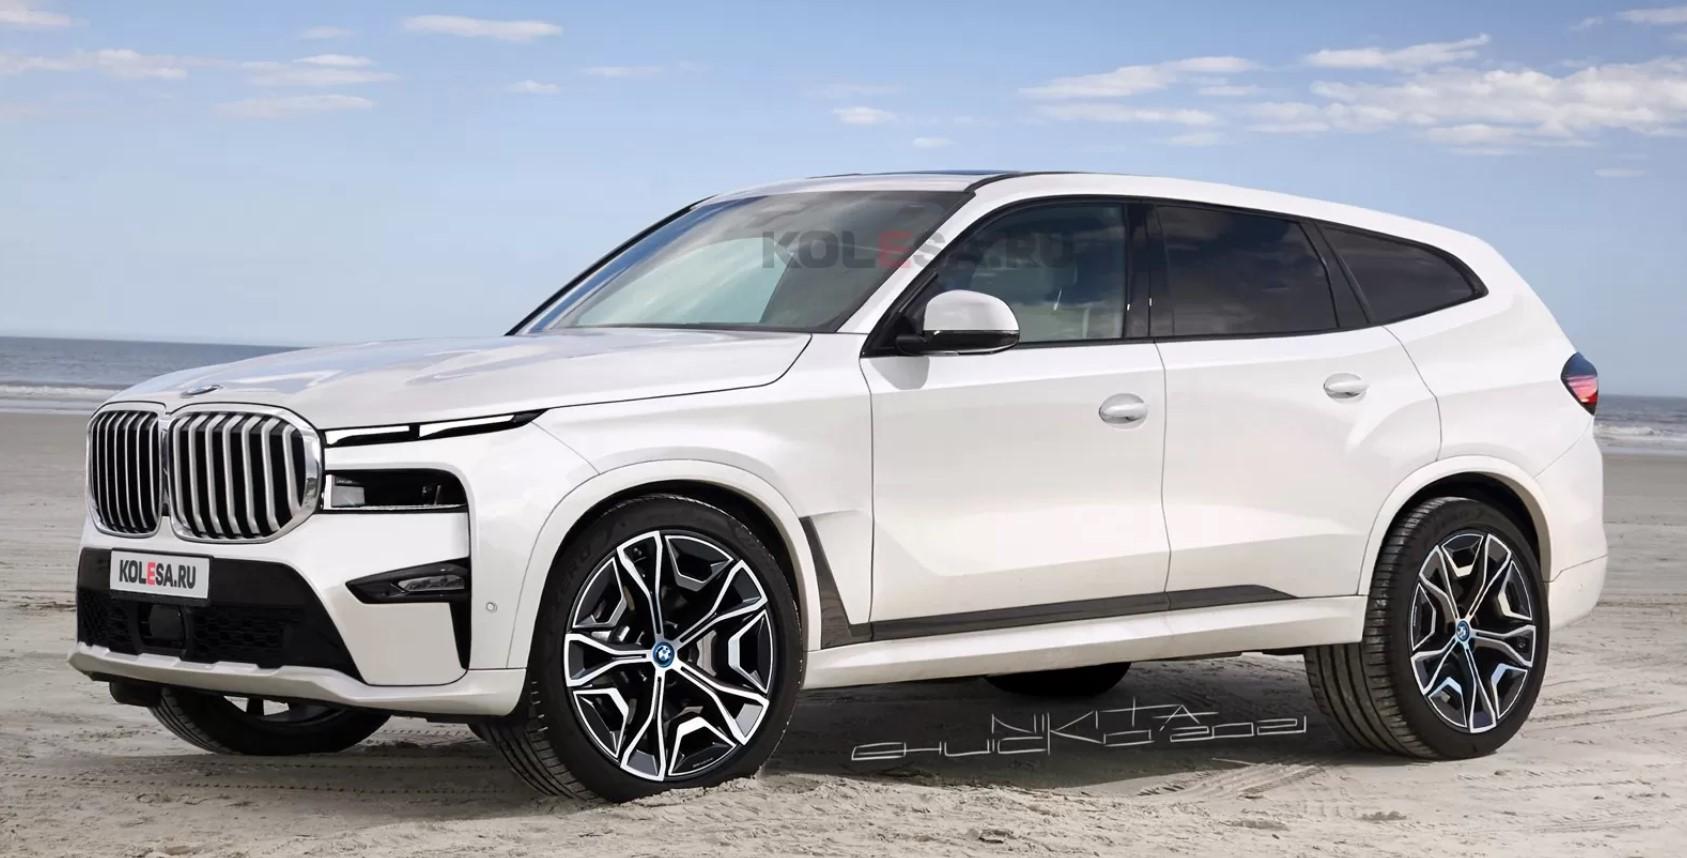 Появились первые рендерные изображения нового флагманского кроссовера BMW X8